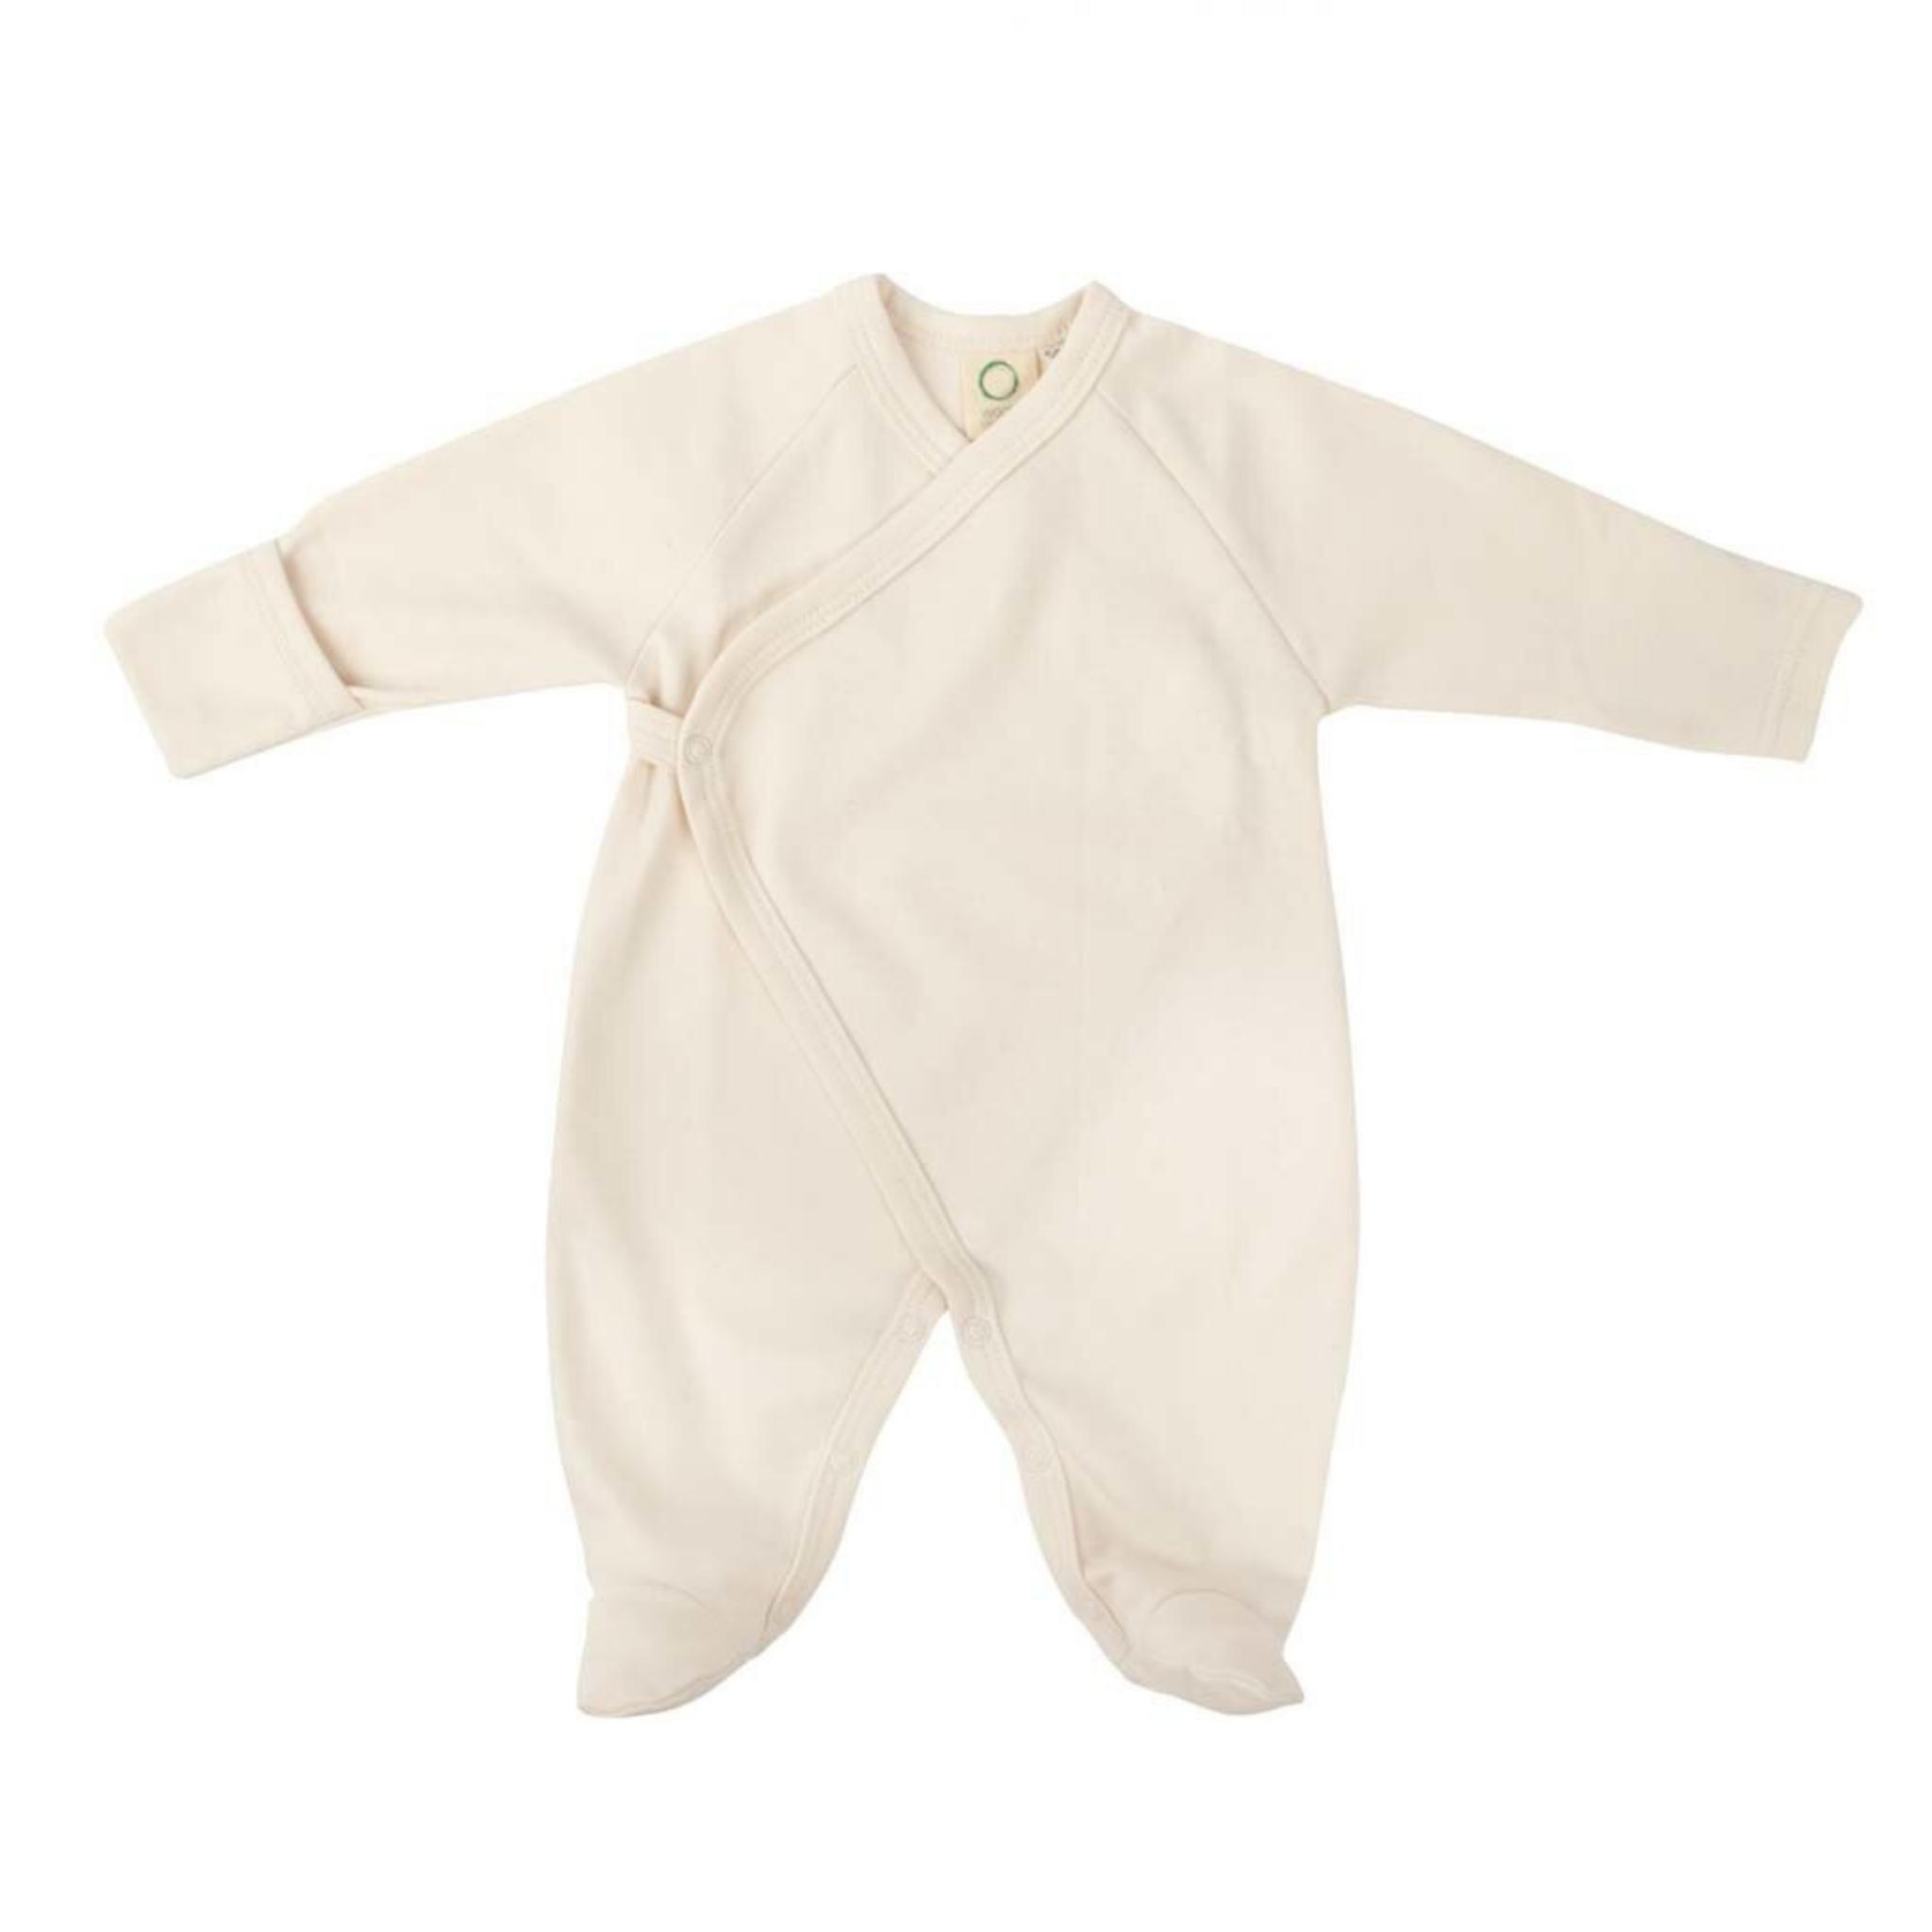 Wooly Organic KIMONO SLEEPSUIT | LONG SLEEVED BODYSUIT WITH FEET | ECRU WHITE